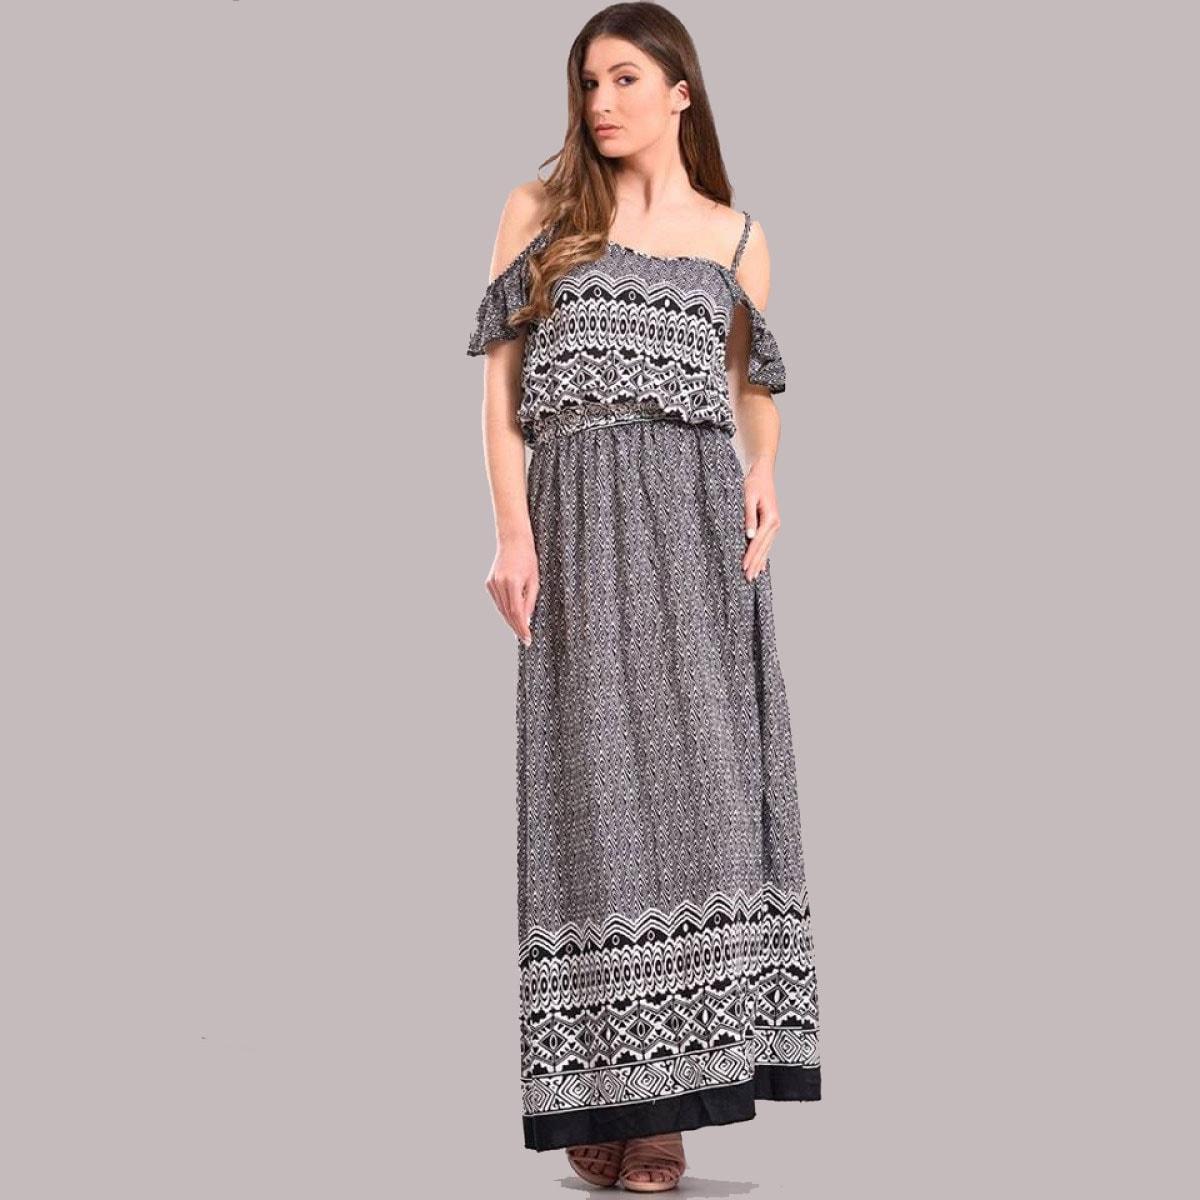 Φορέματα με έξω τους ώμους (12)